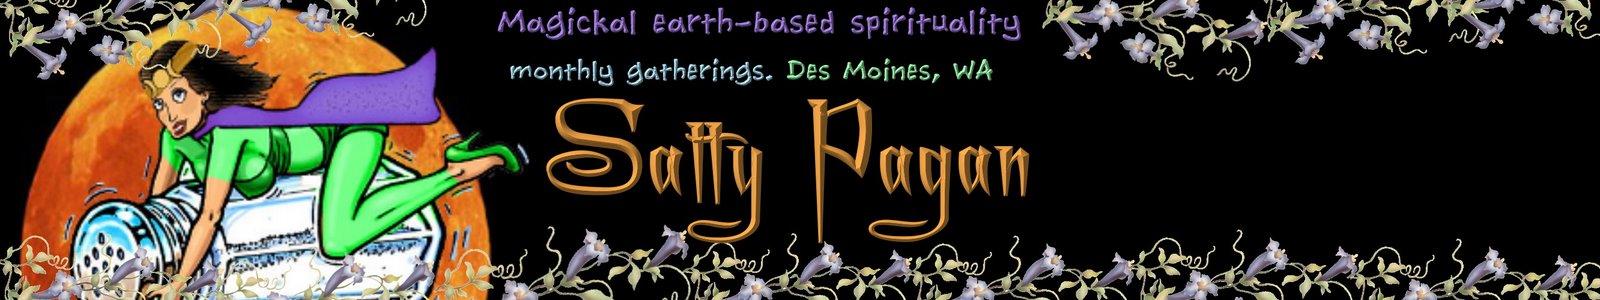 Salty Pagan (Des Moines, WA)